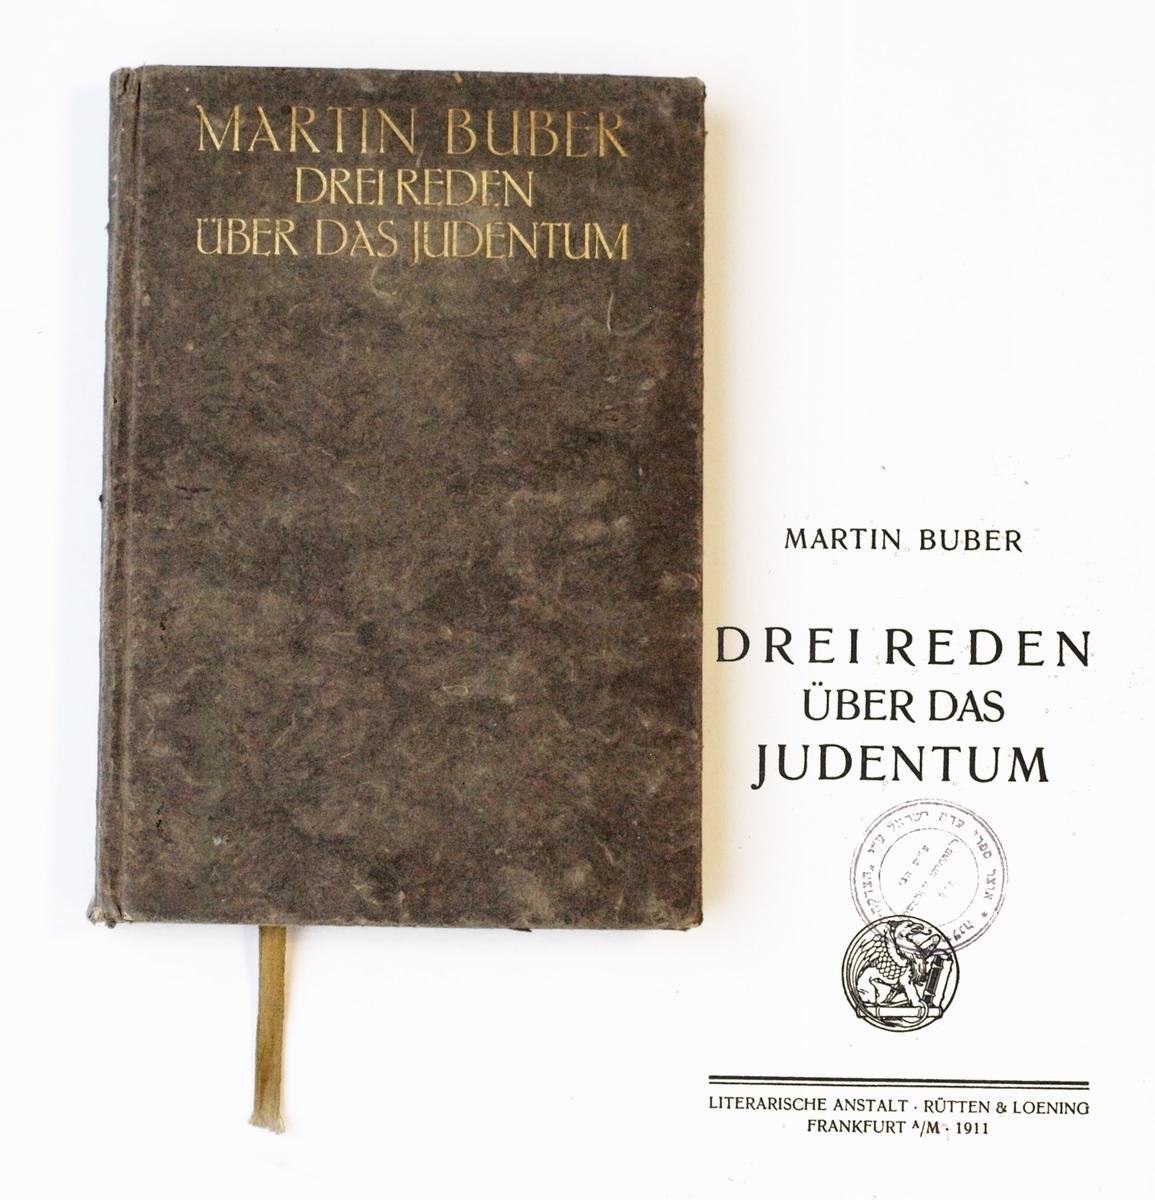 """Strašuno bibliotekos naujų knygų įsigijimo strategija pasižymėjo siekiu supažindinti skaitytojus su žydų literatūros, filosofijos ir kitų humanitarinių mokslų naujovėmis.  <br /> Martinas Buberis. """"Drei Reden über das Judentum"""" Frankfurtas prie Maino, leidykla """"Rütten &Loening"""", 1911."""